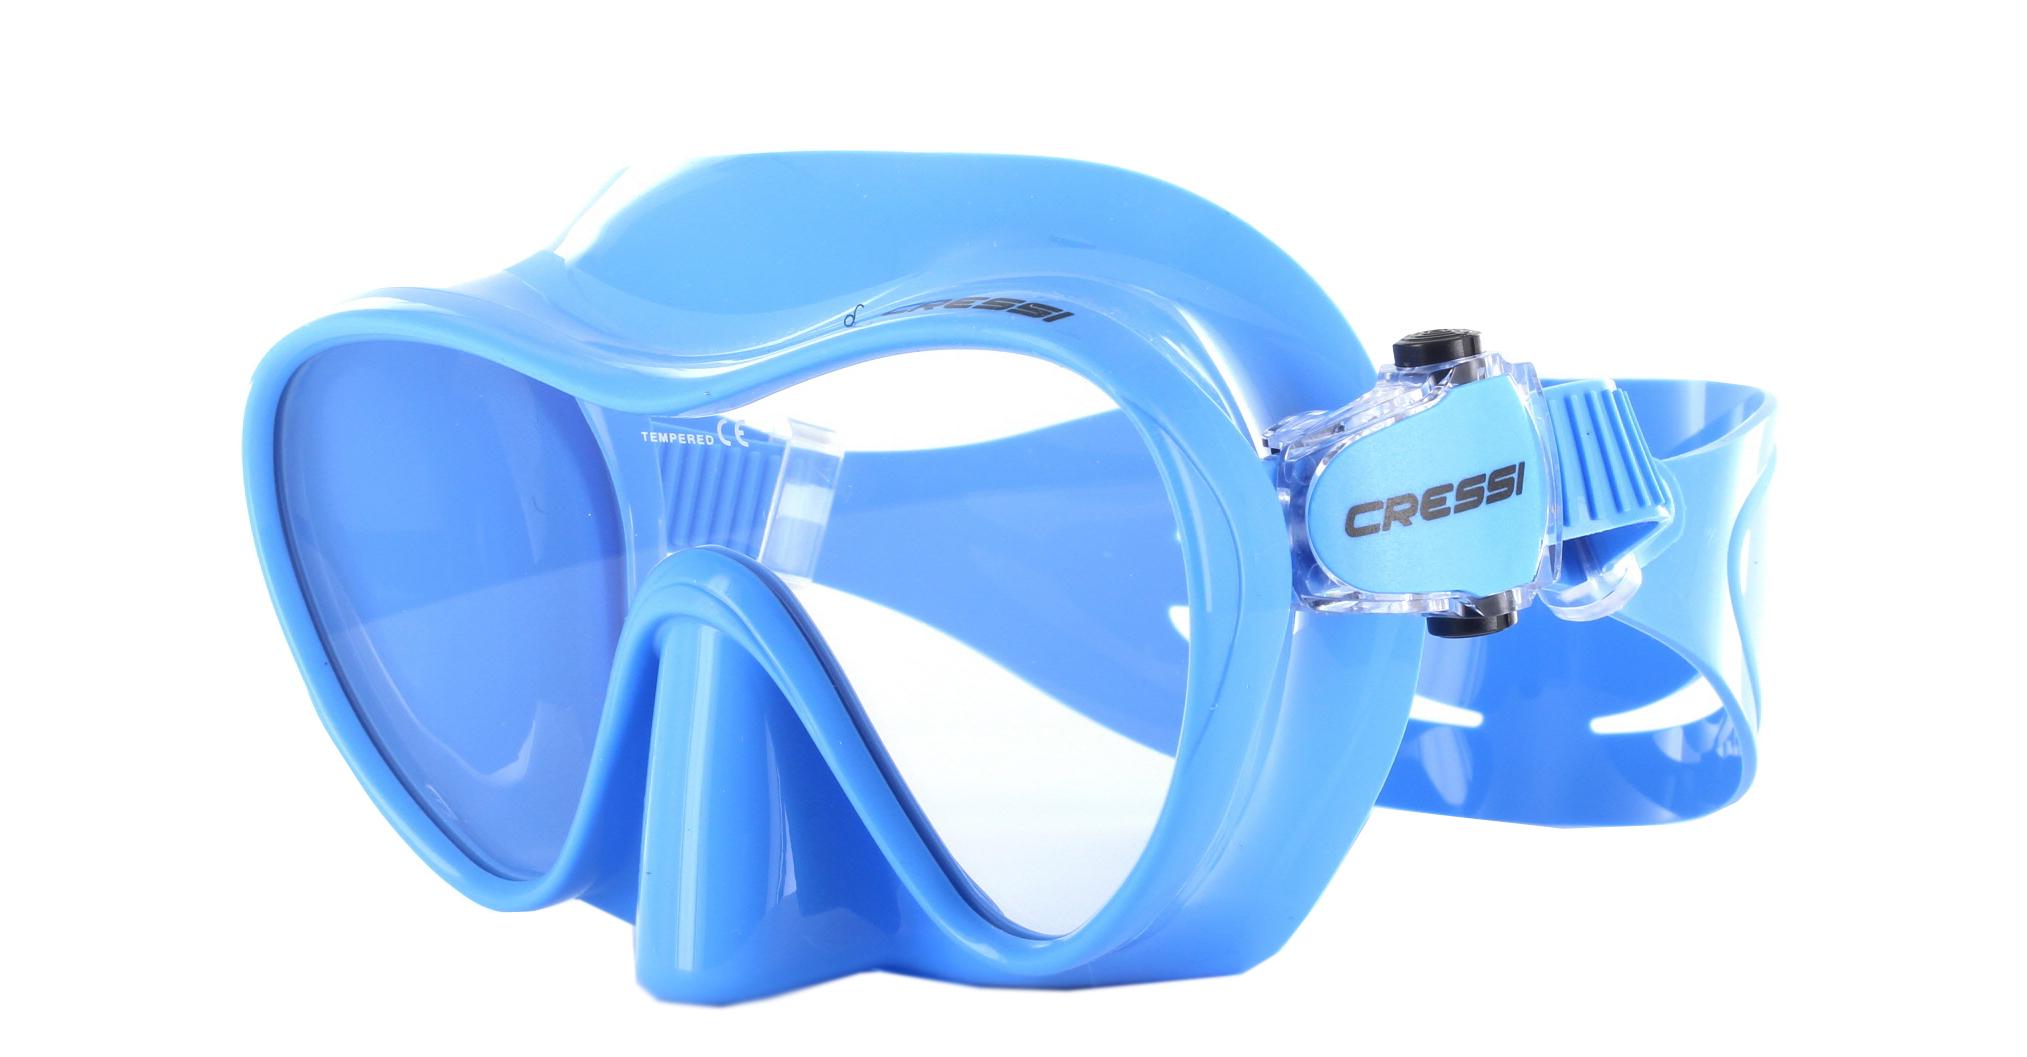 Cressi F1 Small Blue Silicon - Blue Schräge Ansicht